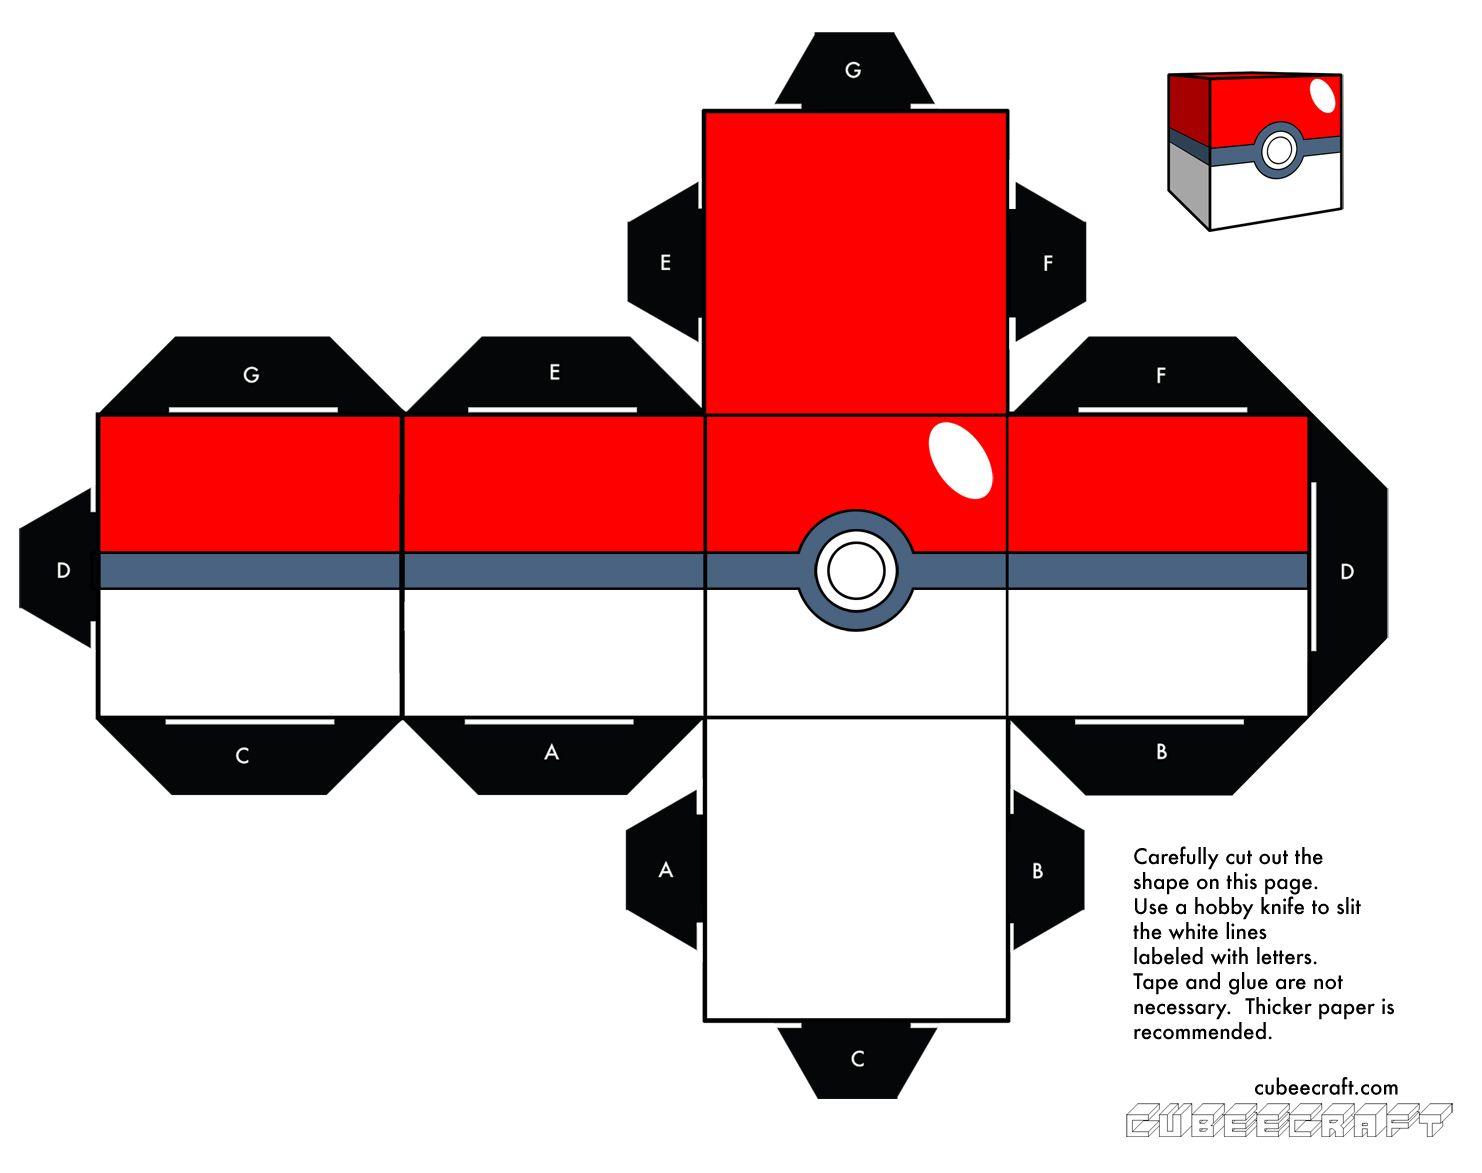 Muchos cubecraft para armar muy bueno pokémon pokemon party and